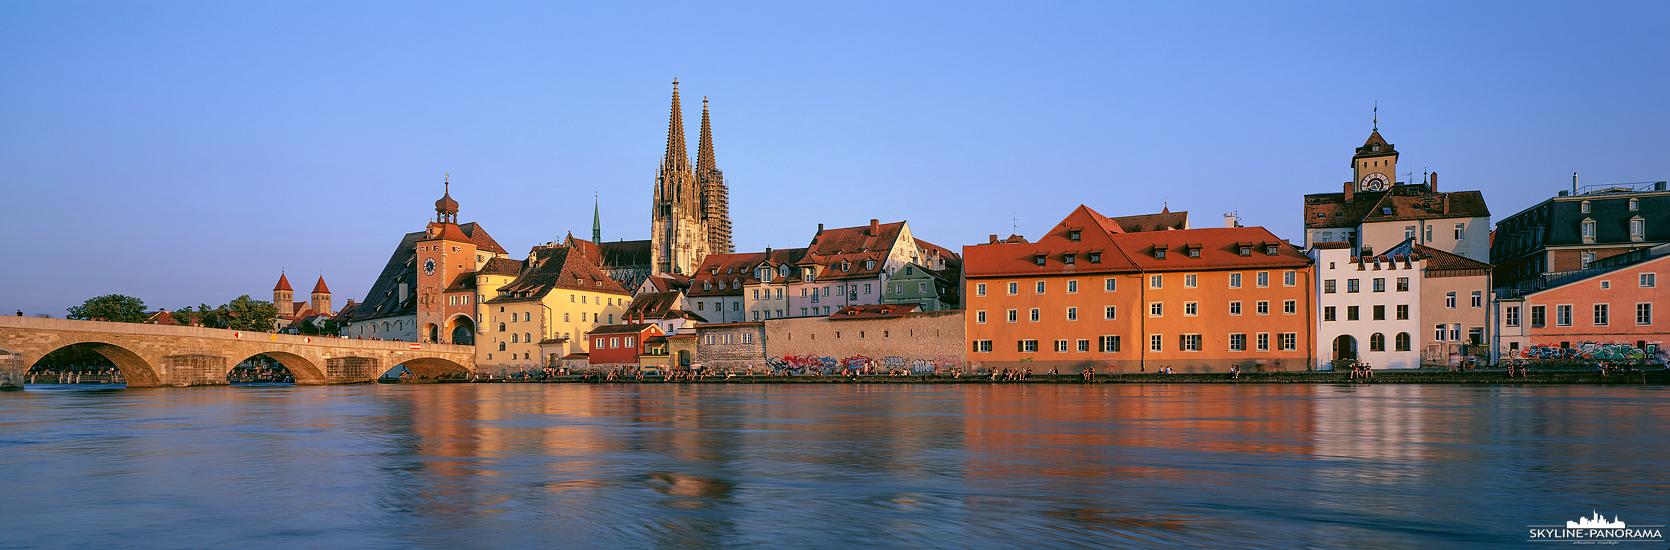 Die Silhouette der Altstadt von Regensburg als Panorama vom Ufer der Donau. Wie in vielen Städten der Welt, wird der Uferbereich in den Sommermonaten gern für einen abendlichen Sundowner genutzt, so auch hier in der bayrischen Metropole Regensburg.